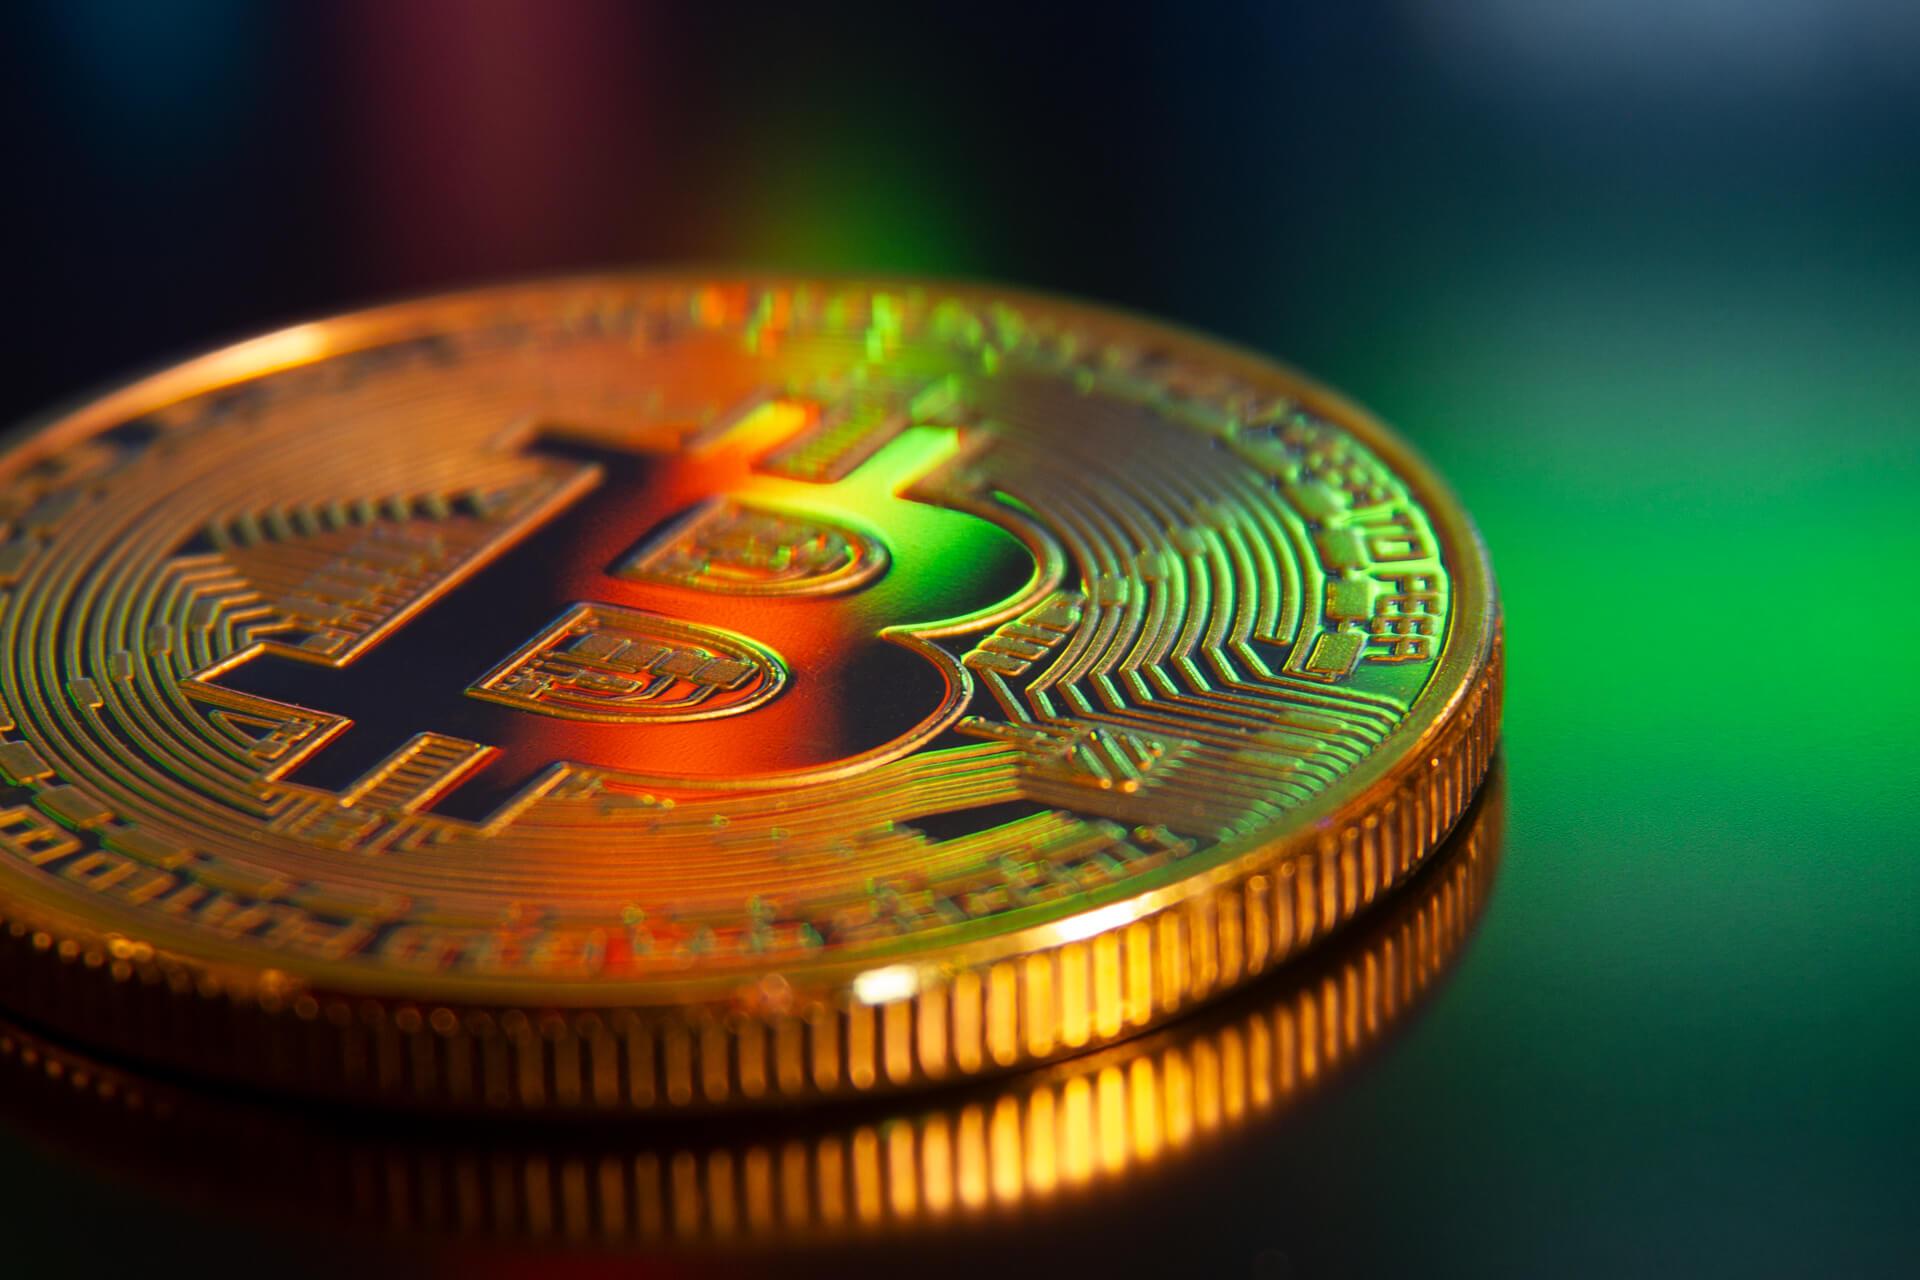 Brezilya ' nın İlk Bitcoin ETF 'si 112 Milyon Dolar Arttırdı